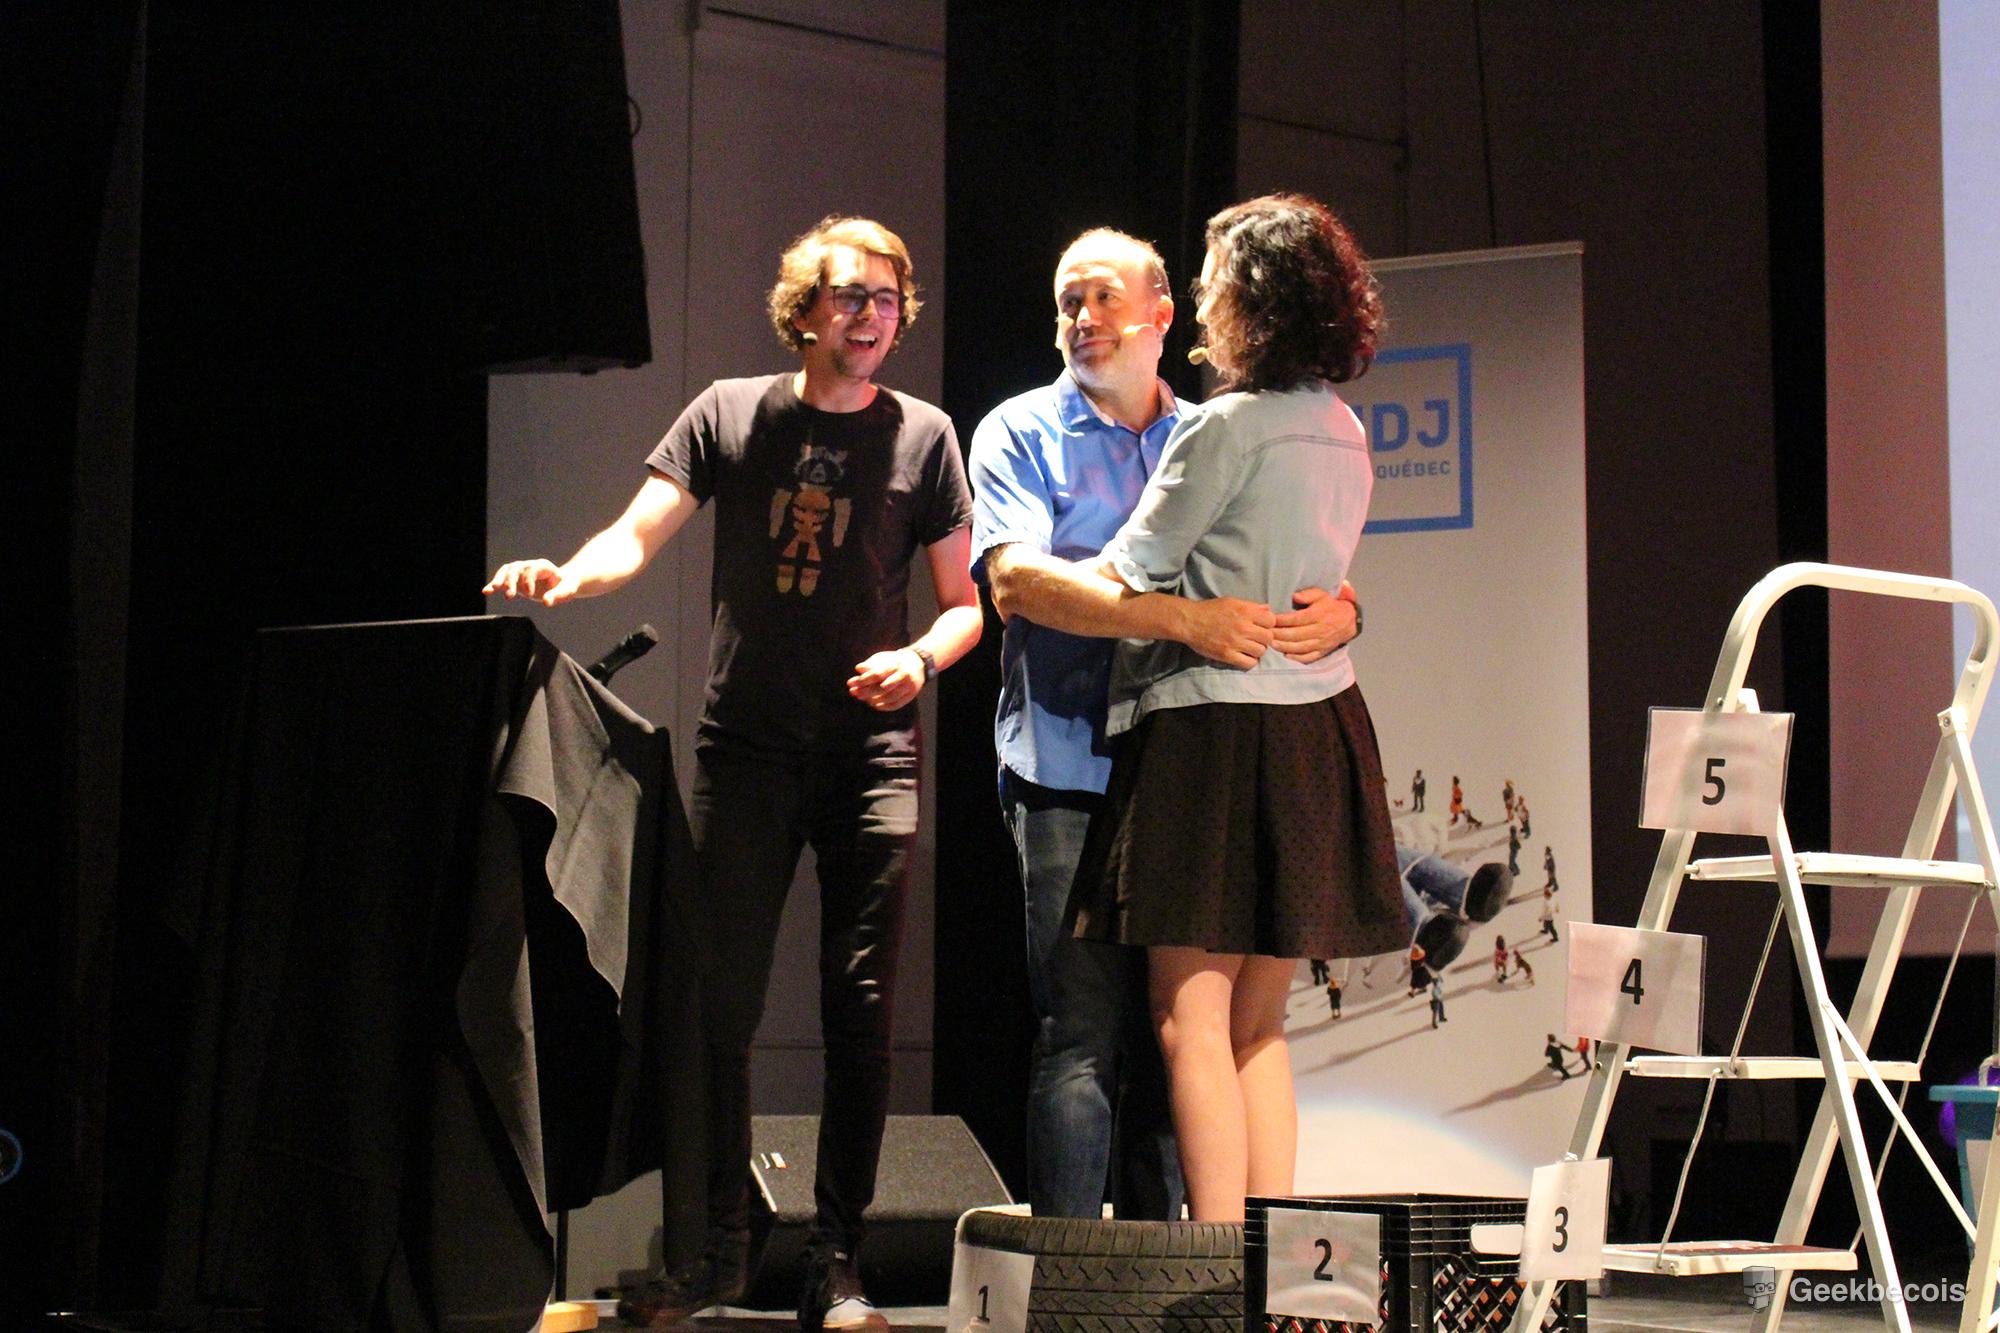 L'animateur Jérémie Larouche et les invités Antoine Vézina et Tammy Verge